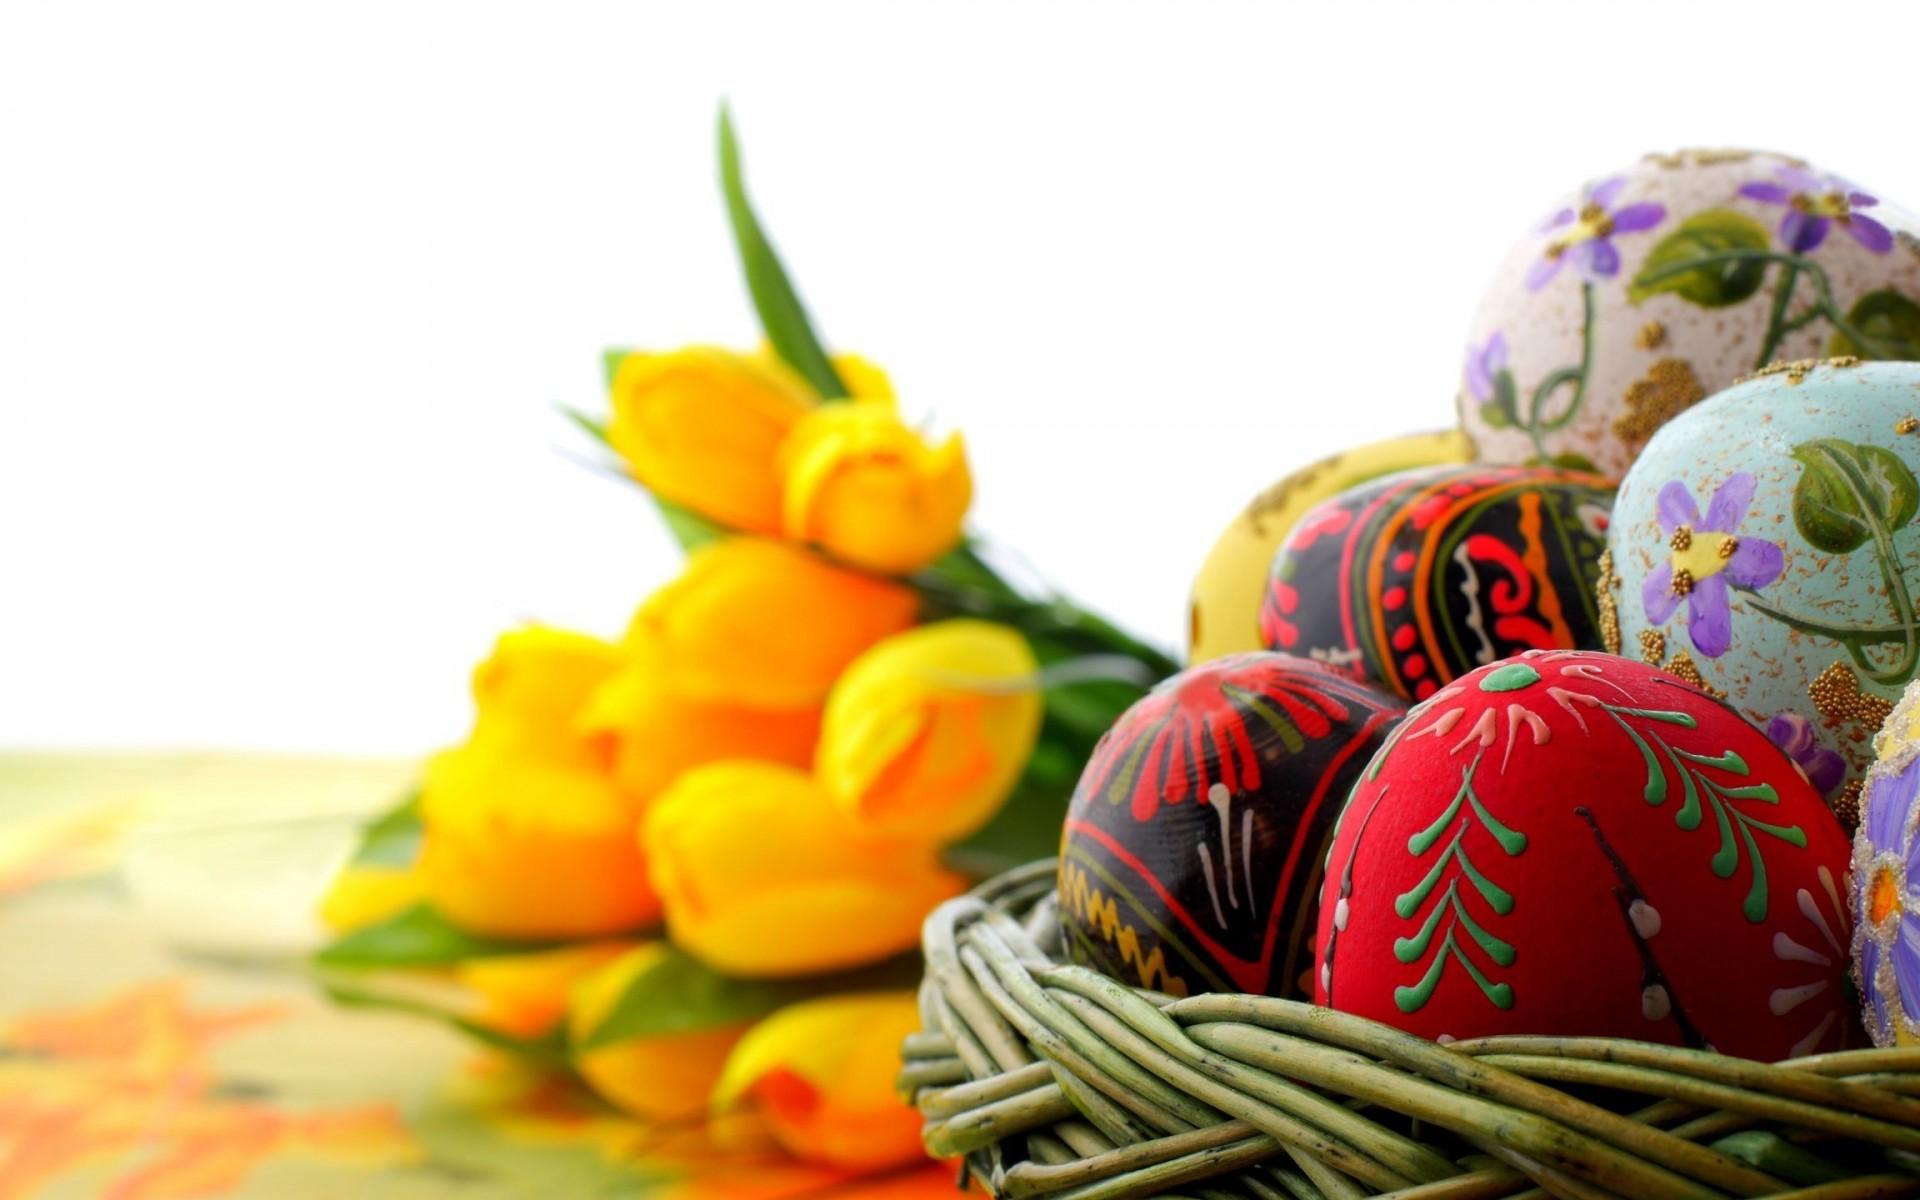 Ambassador Club Magyarország - Kellemes Húsvéti Ünnepet kívánunk!